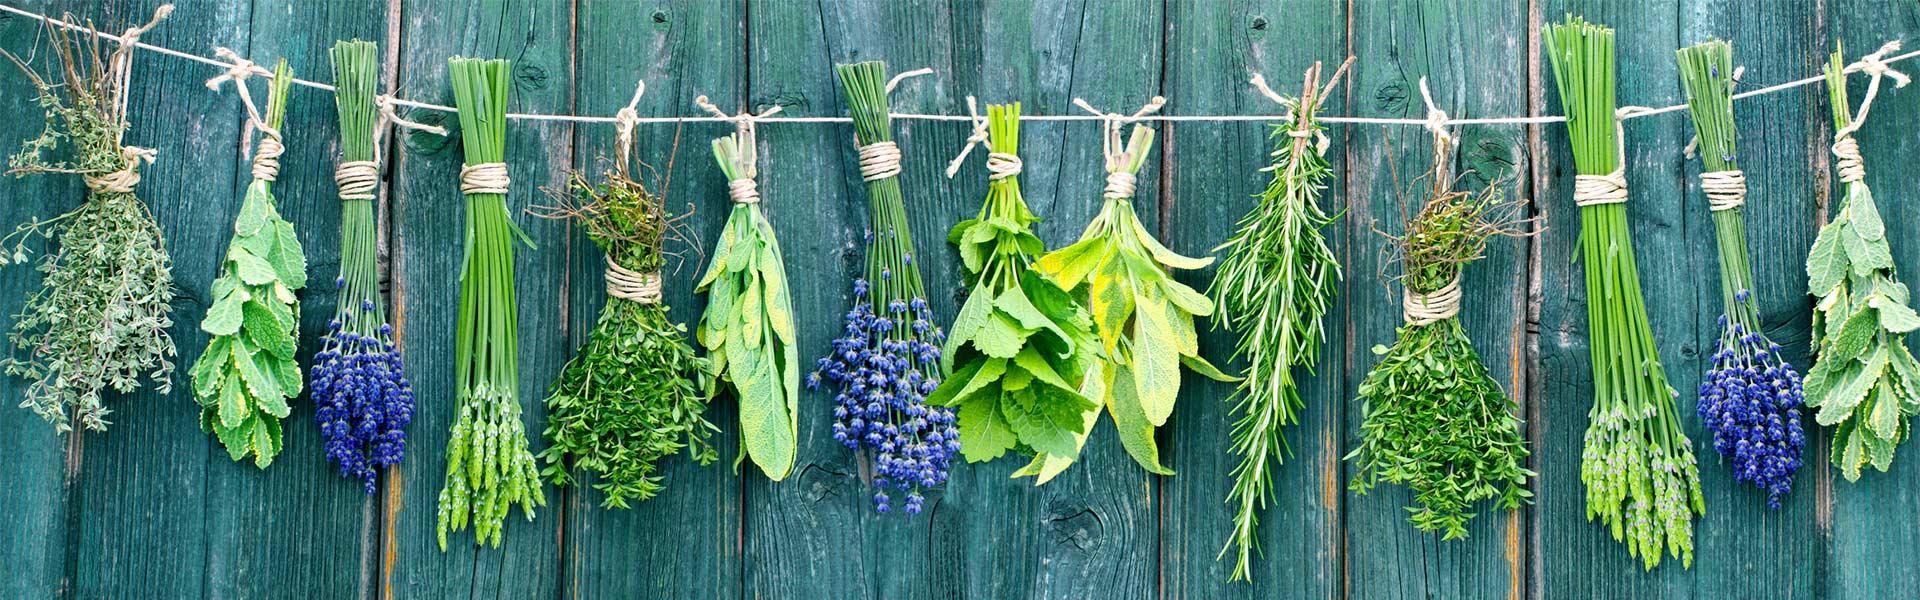 Curso plantas medicinales y arom ticas barcelona cursos for Asociacion de plantas aromaticas